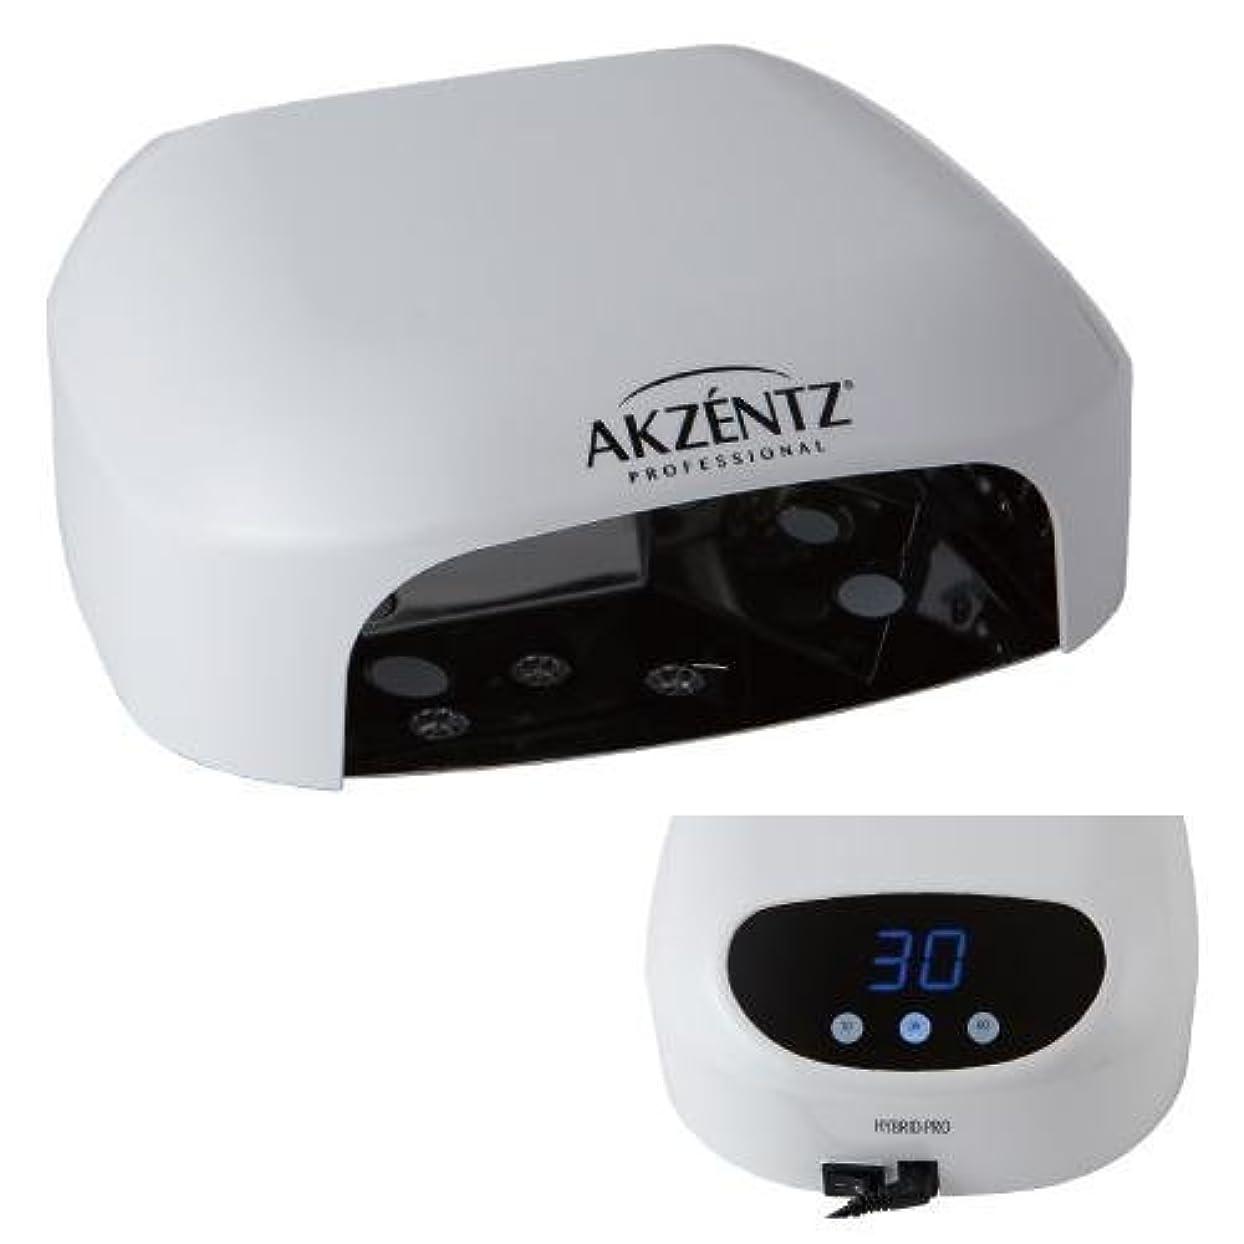 ラジウム下向きエステートAKZENTZ(アクセンツ) ハイブリットプロLEDランプ 36W/タイマー付き